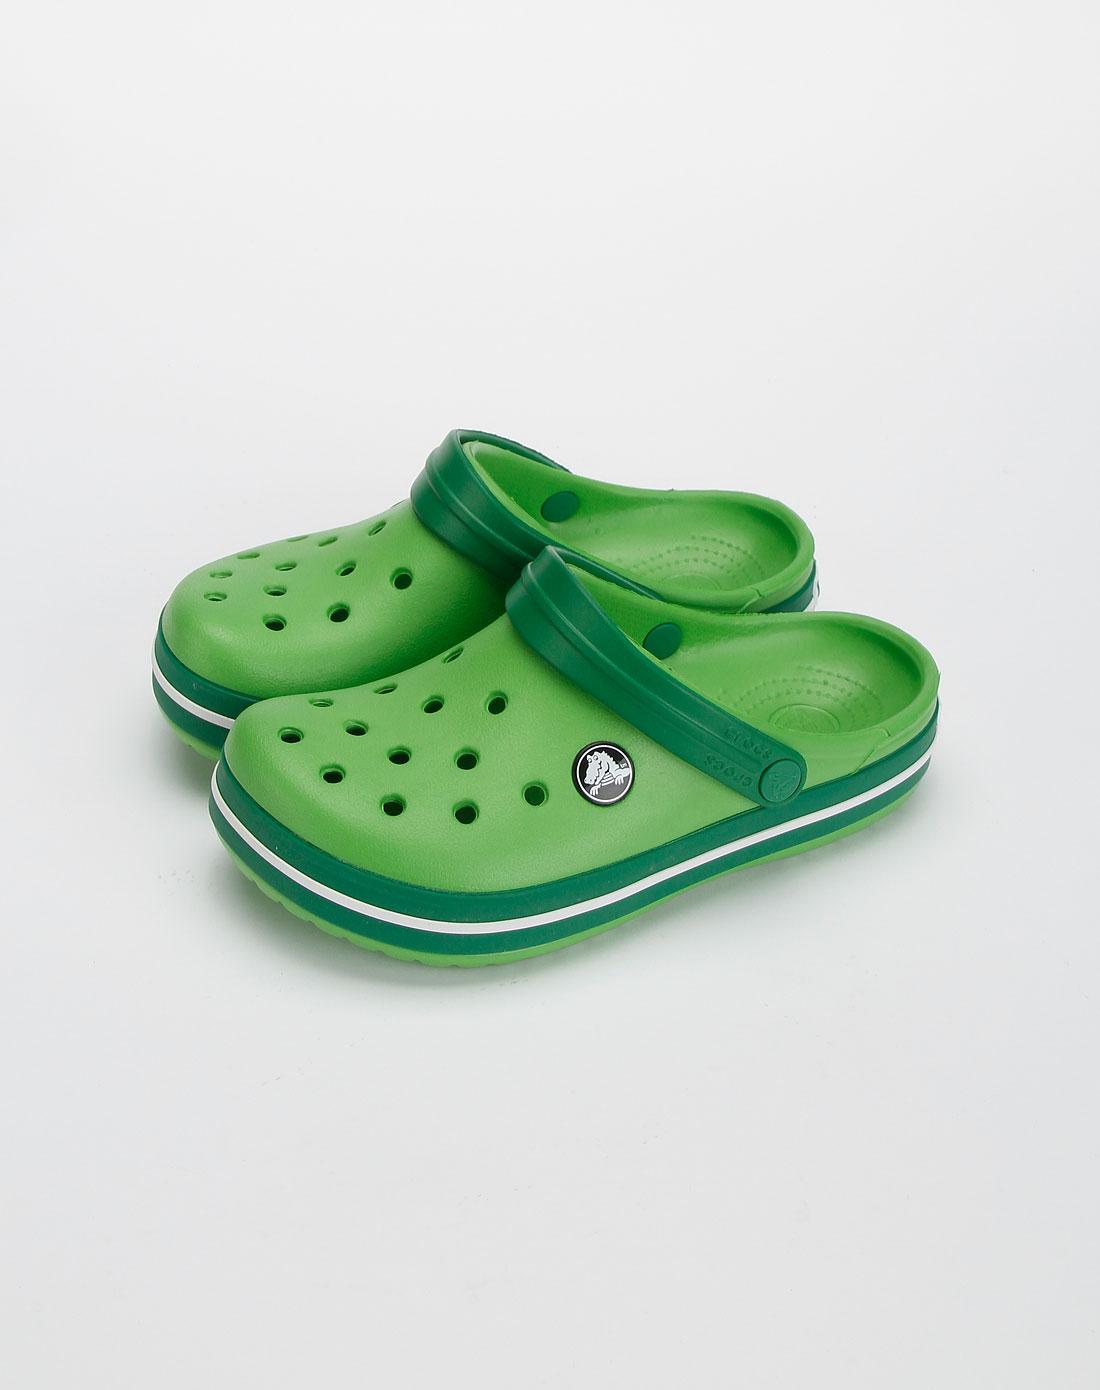 卡骆驰crocs中性苹果绿色小卡骆班休闲鞋